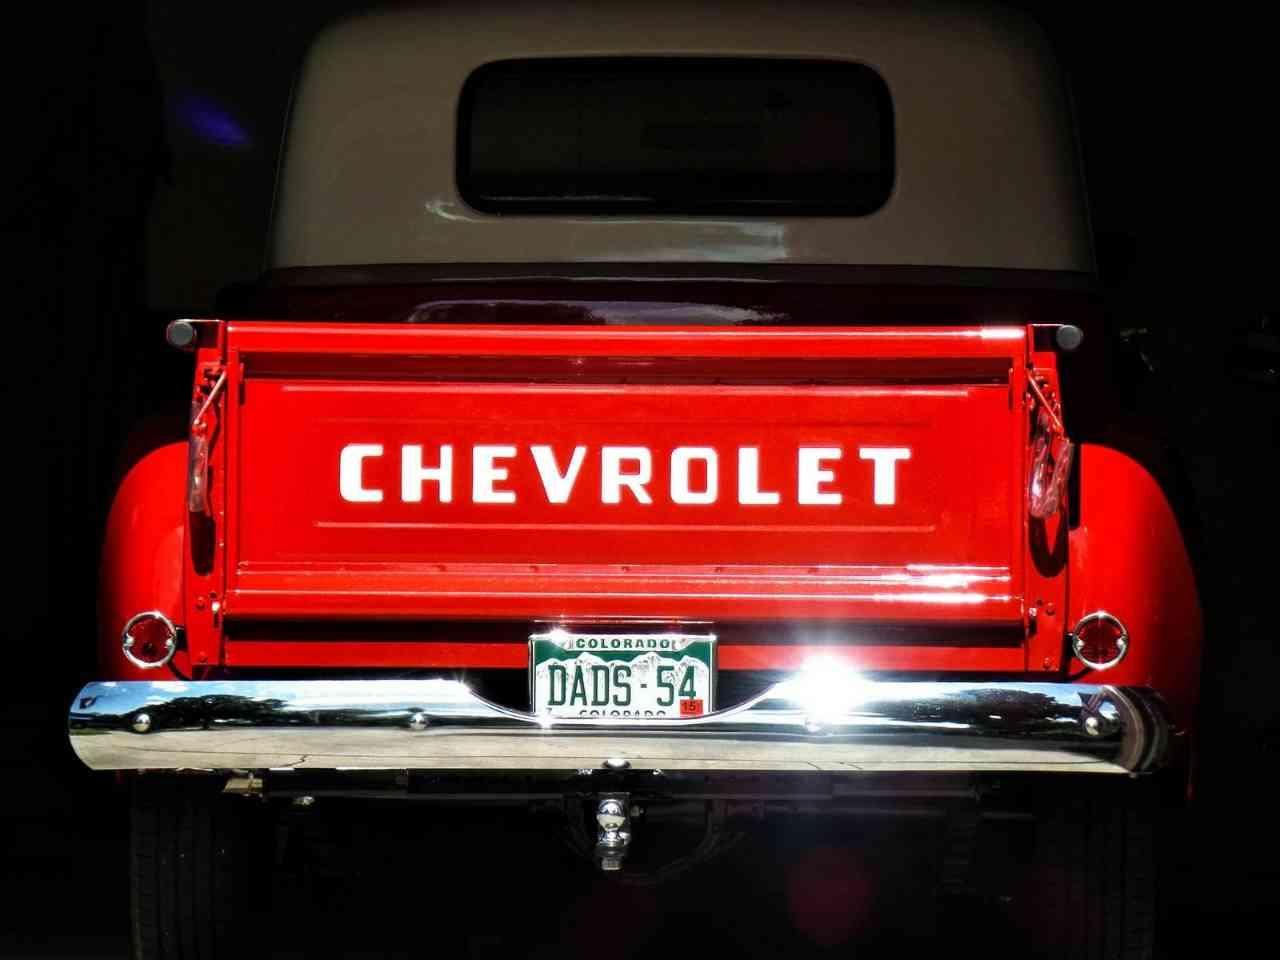 Buick Encore Chevrolet bietet viel Luxus und Technologie in einem kleinen Paket